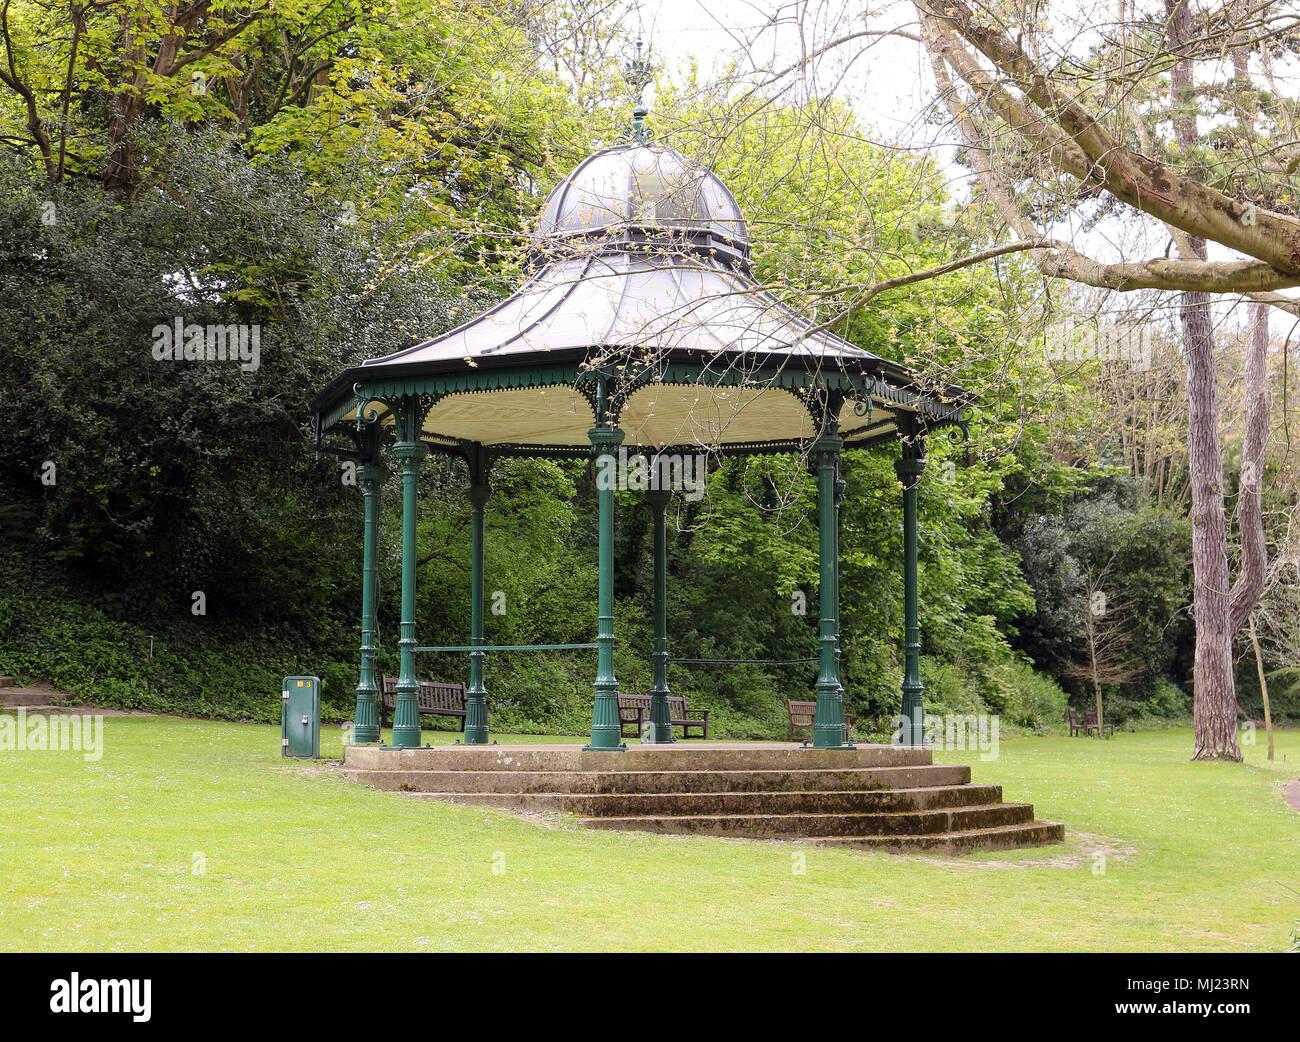 Ventnor Park Bandstand - Stock Image